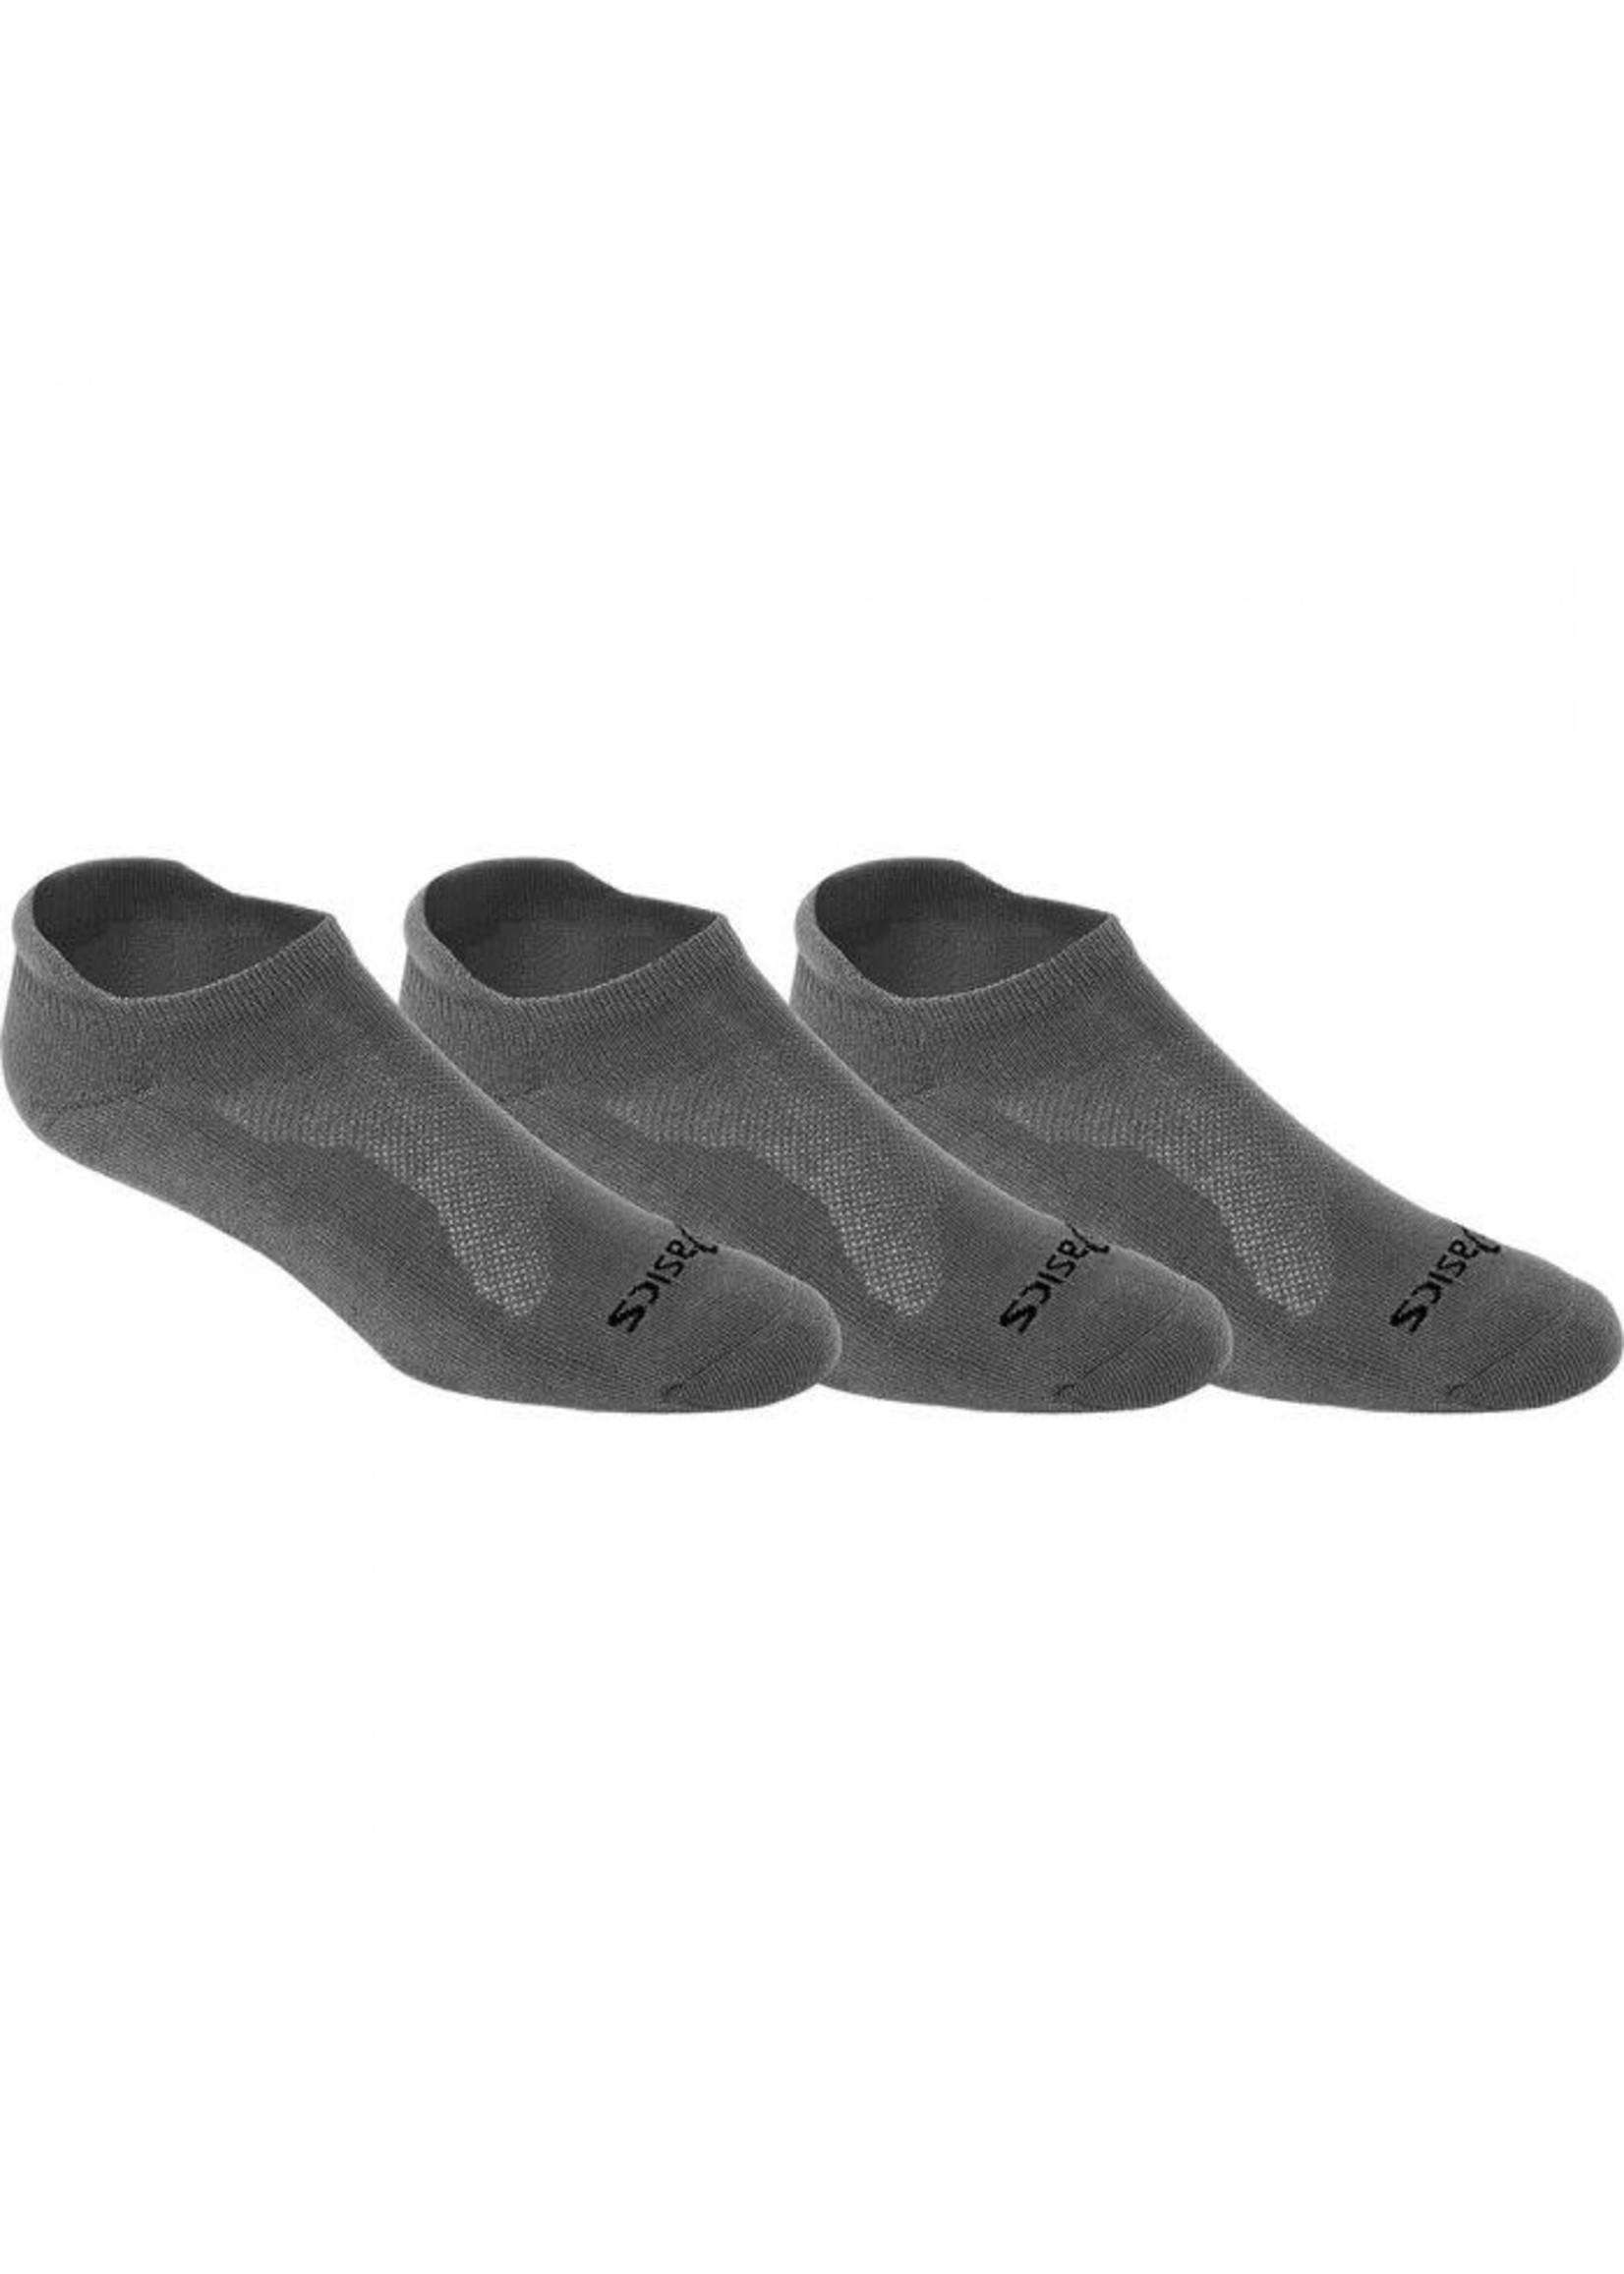 ASICS Chaussettes  Cushion Low Cut - 3 paires